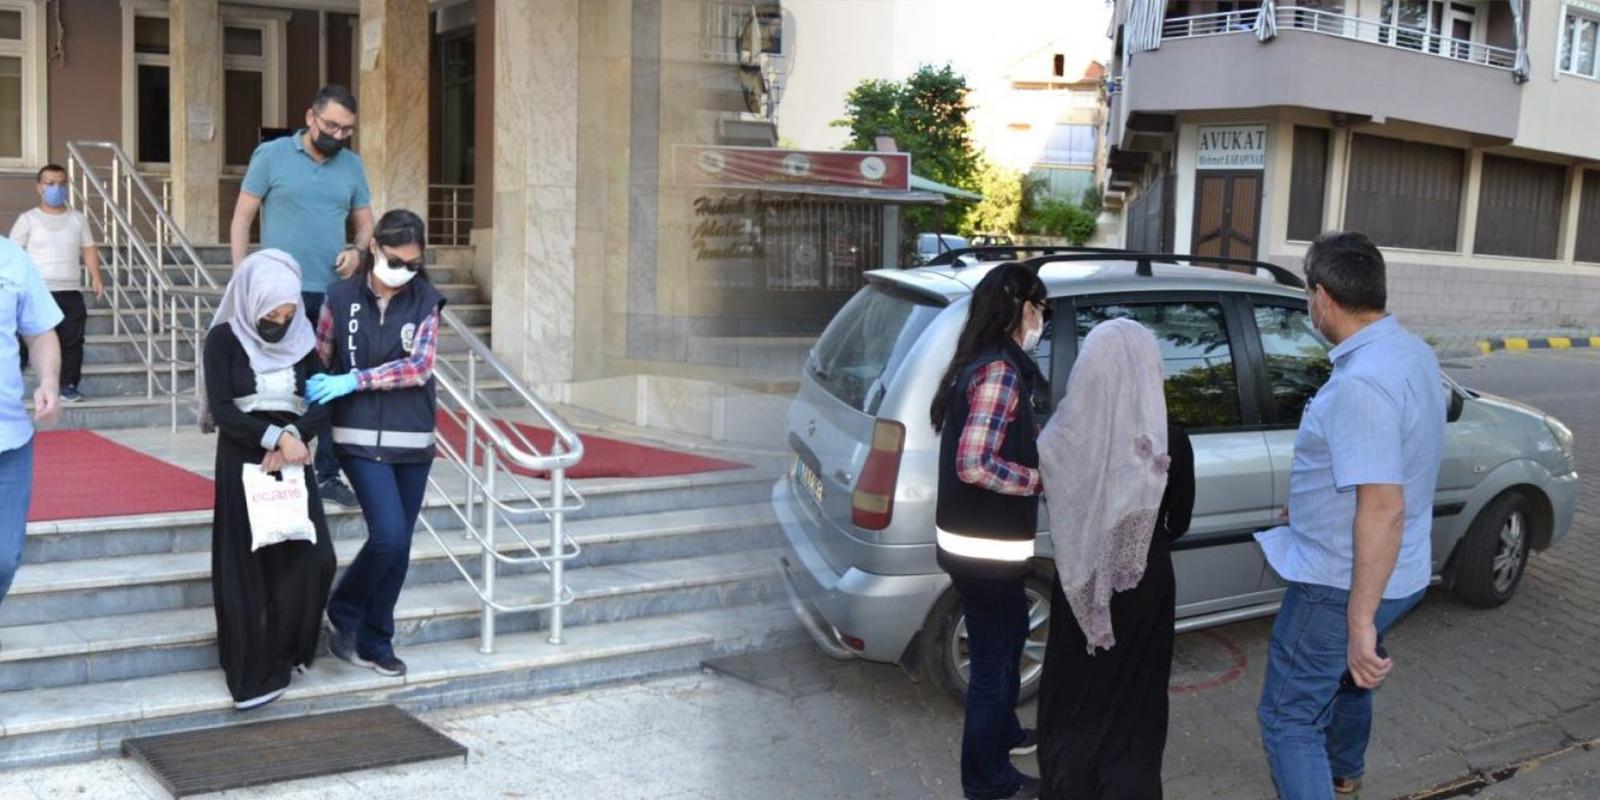 4 günlük bebeğini ölüme terk eden vicdansız anne tutuklandı!